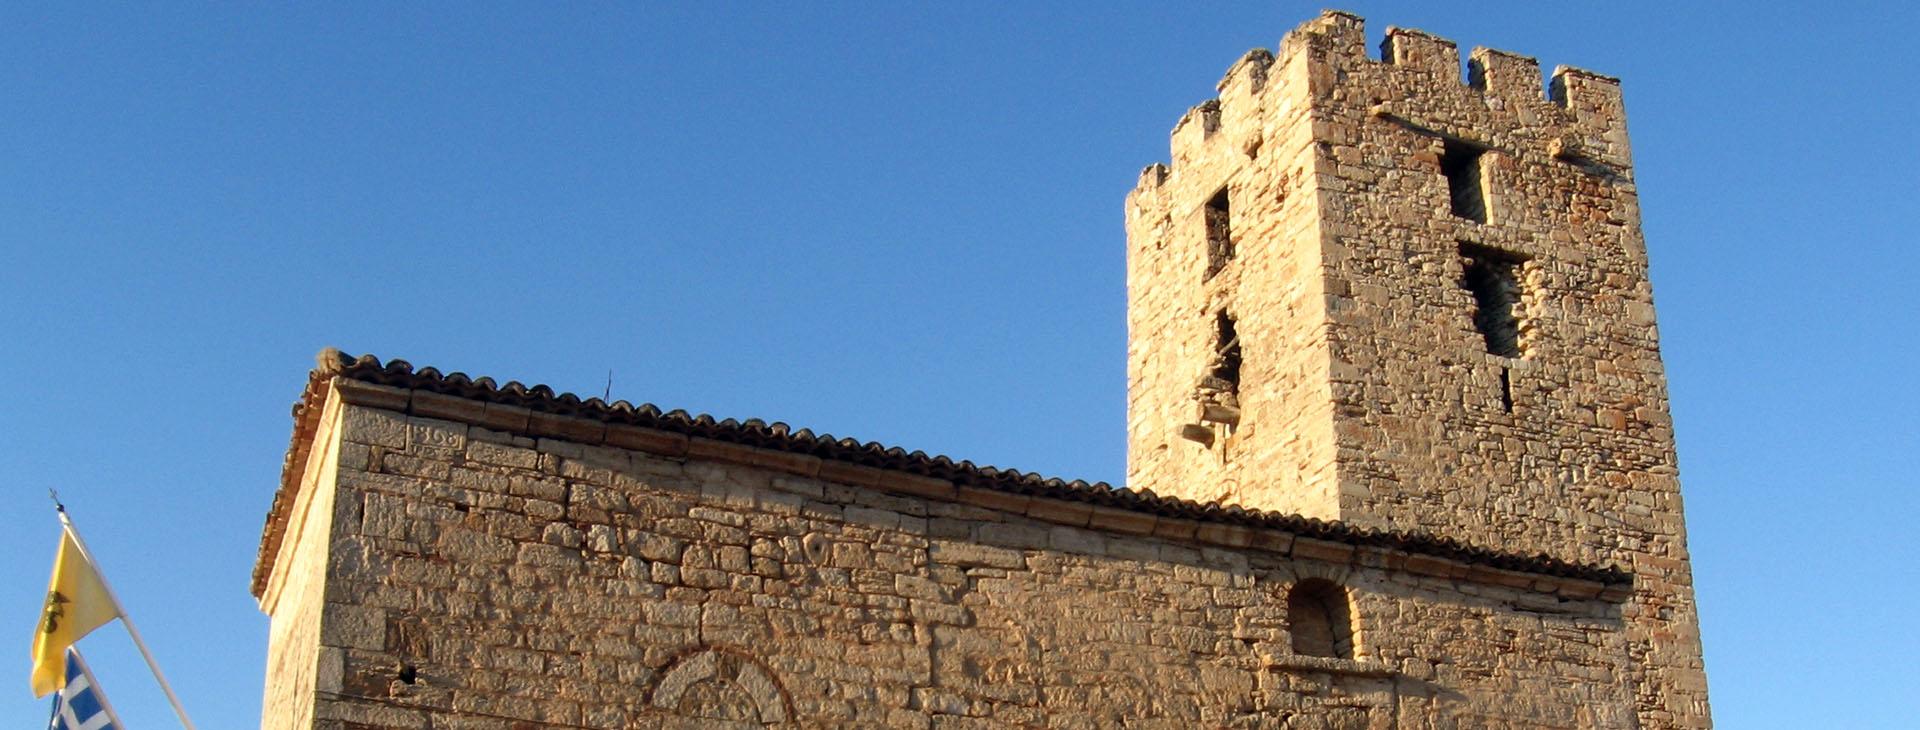 Byzantine tower at Nea Fokea, Kassandra, Halkidiki (Chalkidiki)